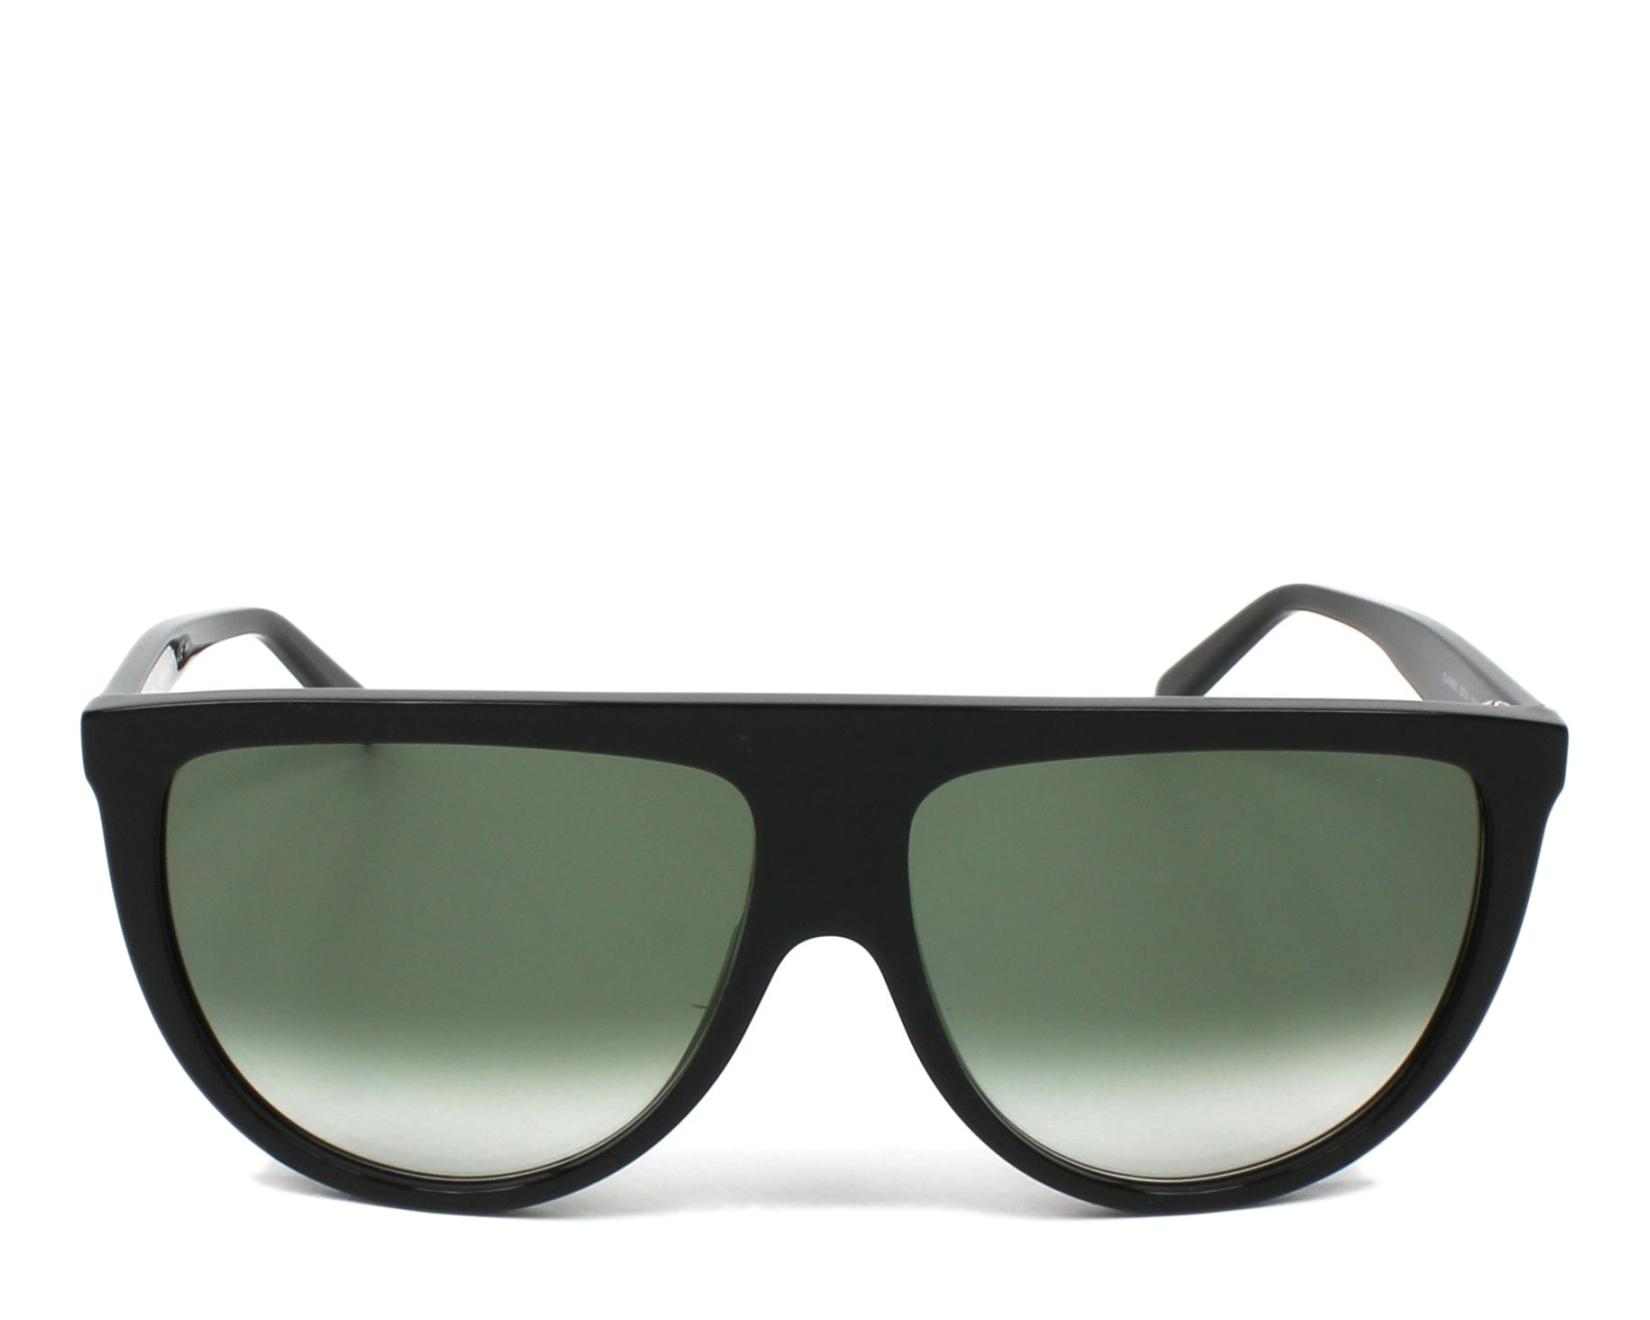 43667bc2c080 thumbnail Sunglasses Céline CL-41435-S 807 XM - Black front view